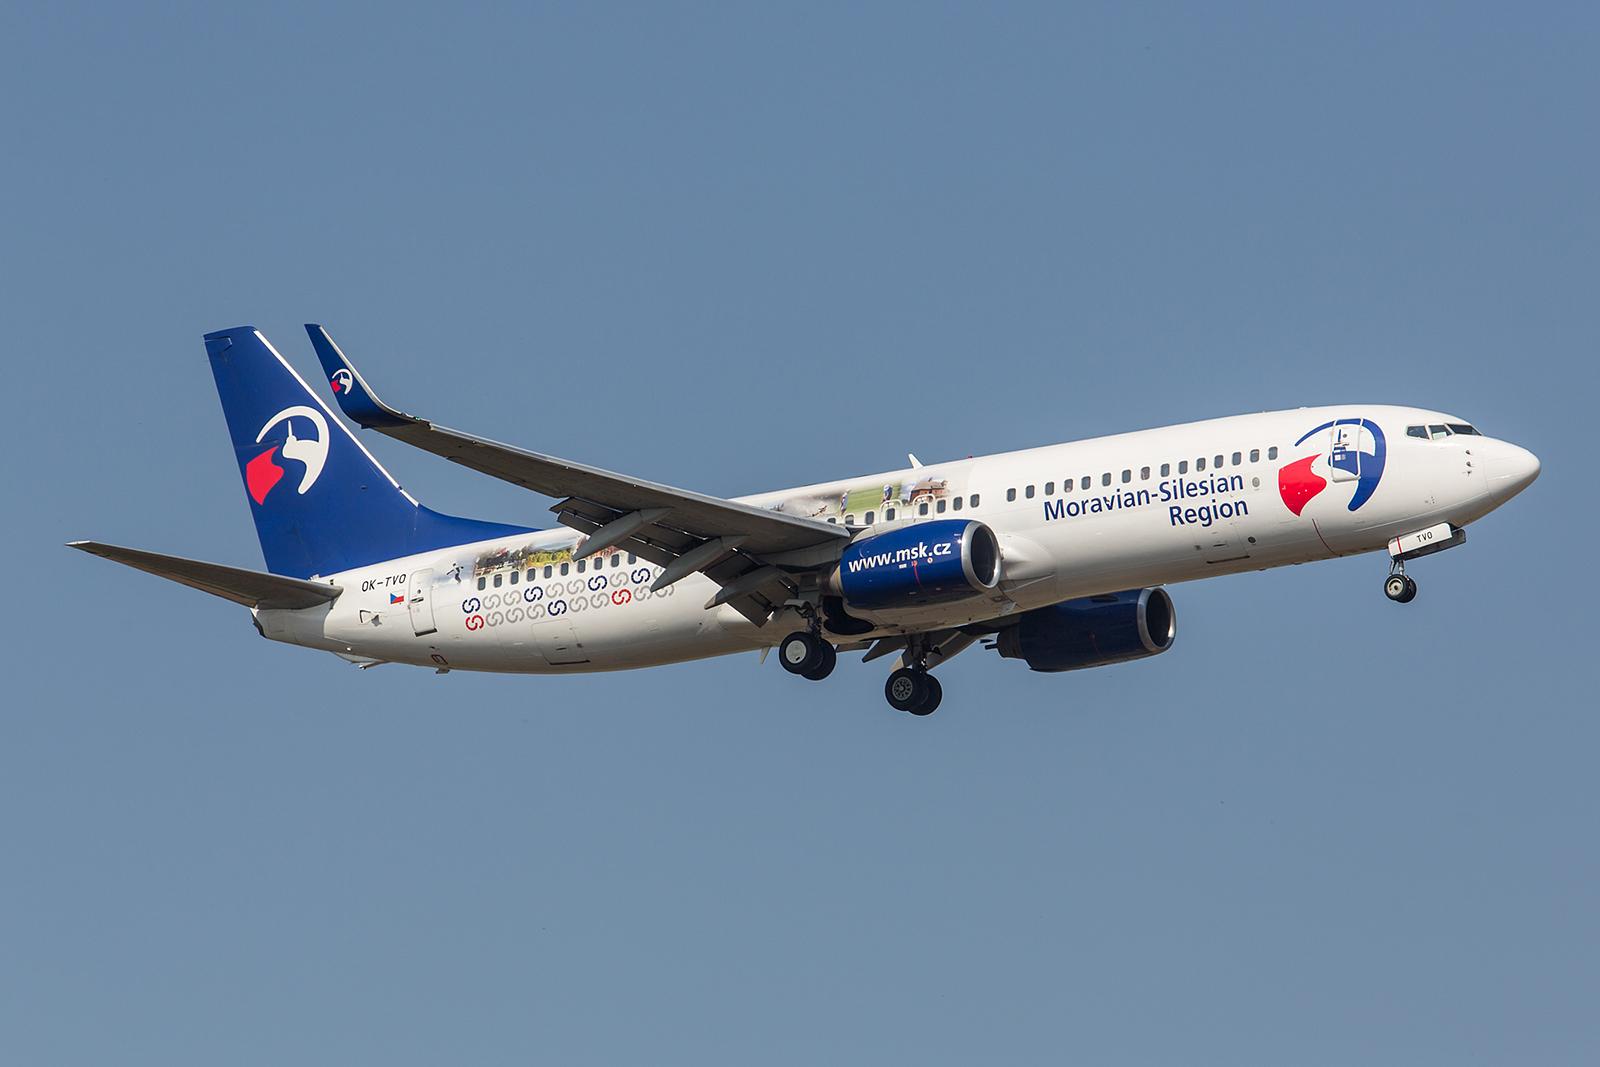 Diese ehemalige GOL Boeing 737-8CX fliegt Werbung für die Region Mähren. Die Maschine wird saisonal immer mal wieder nach Kanada und Indien verleast.